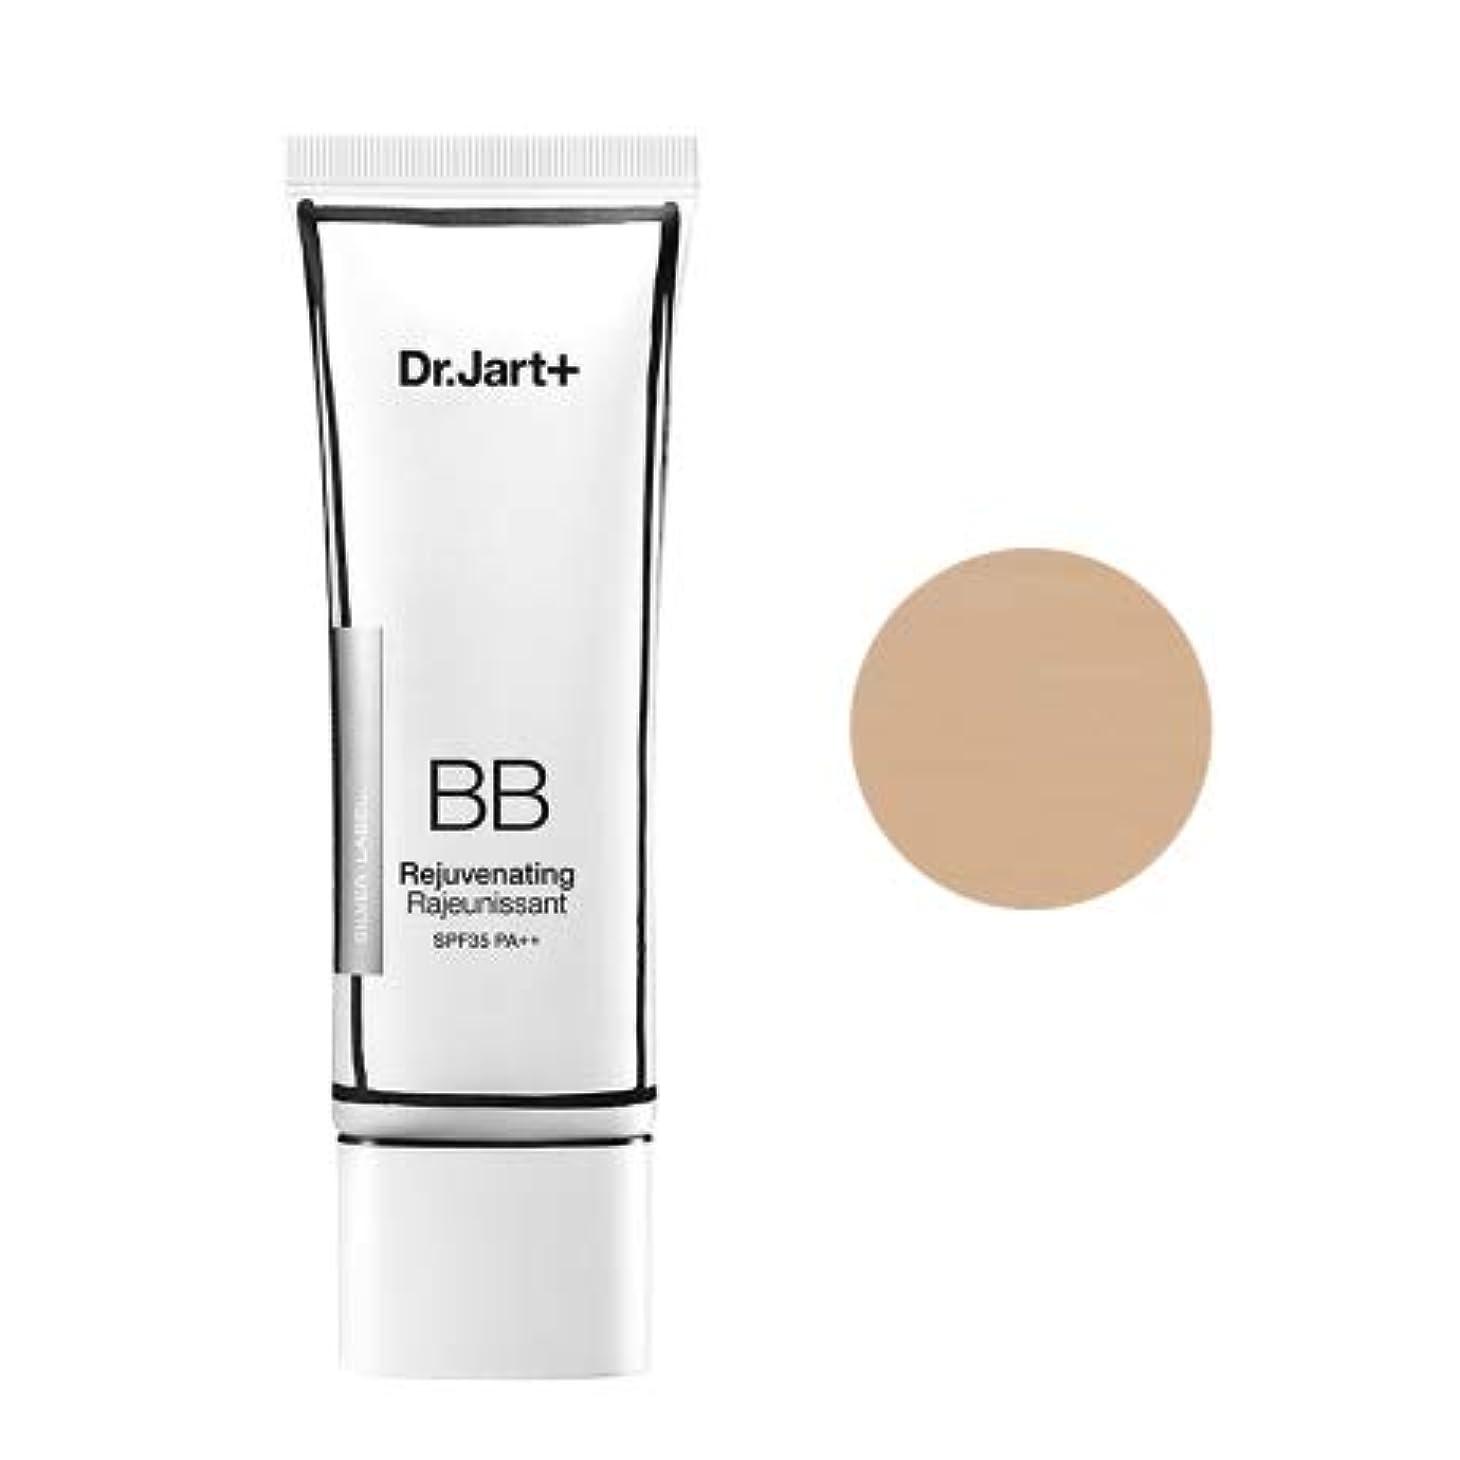 無傷人形はがき[Upgrade] Dr.Jart+Dermakeup Rejuvenating Beauty Balm SPF35 PA++ 50ml /ドクタージャルトゥザメーキャップリージュビネイティンビューティーバーム SPF35...